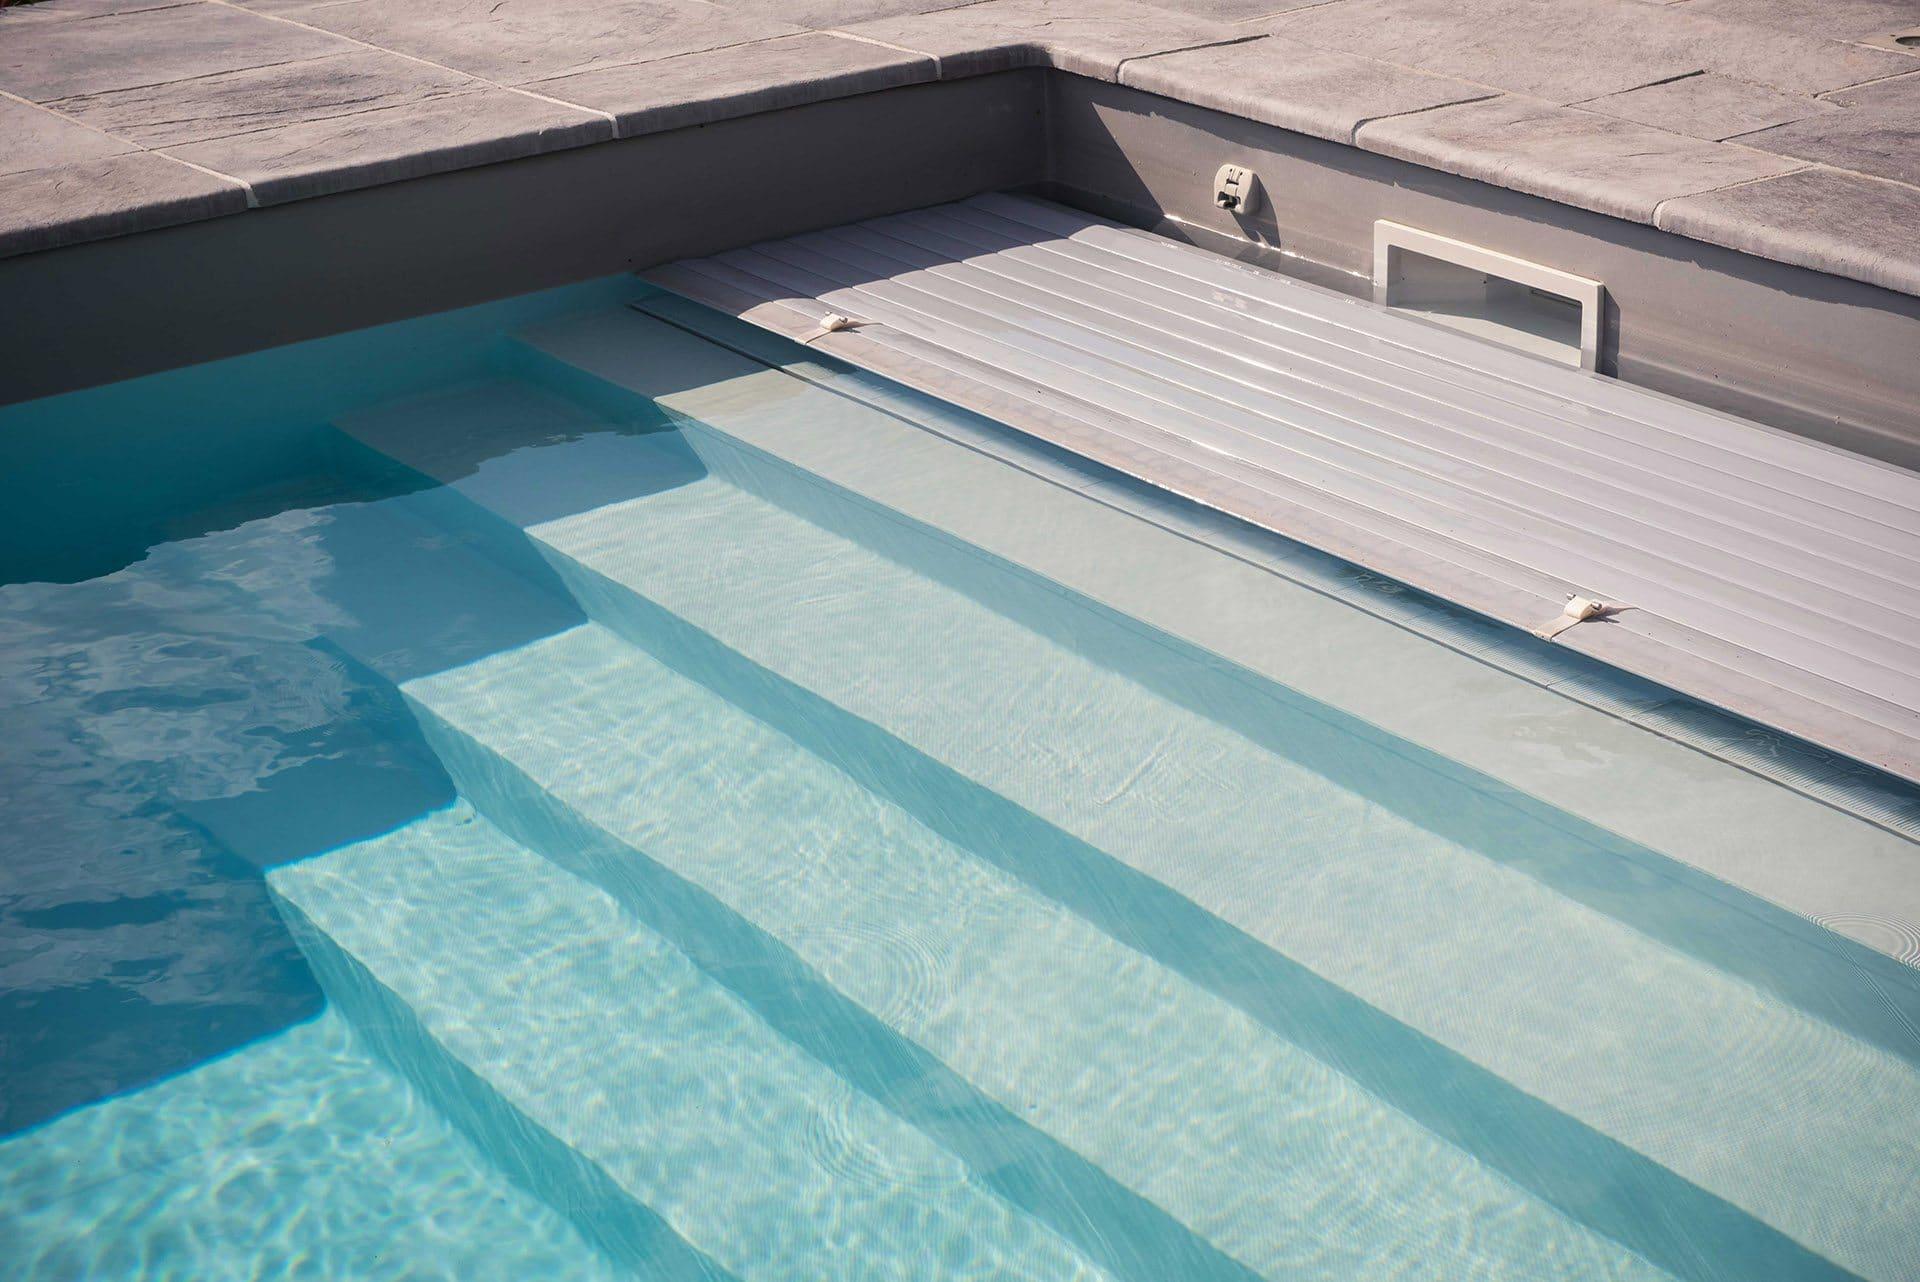 Quel hivernage pour une piscine avec volet id es piscine for Rideau de piscine immerge